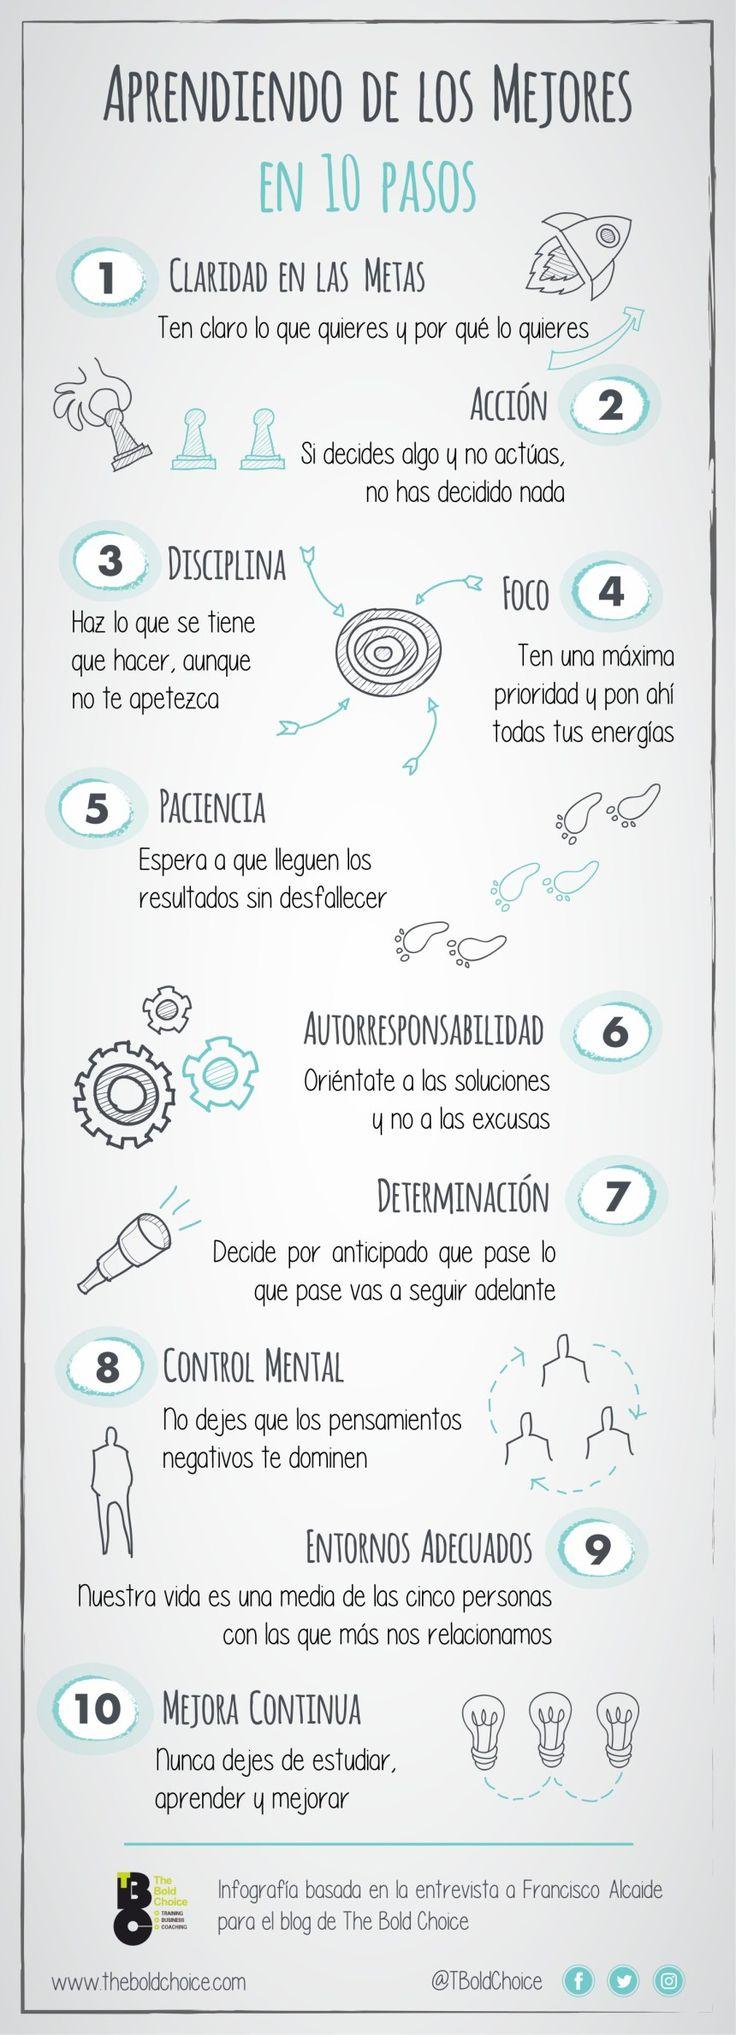 Aprendiendo de los mejores en 10 pasos #infografia